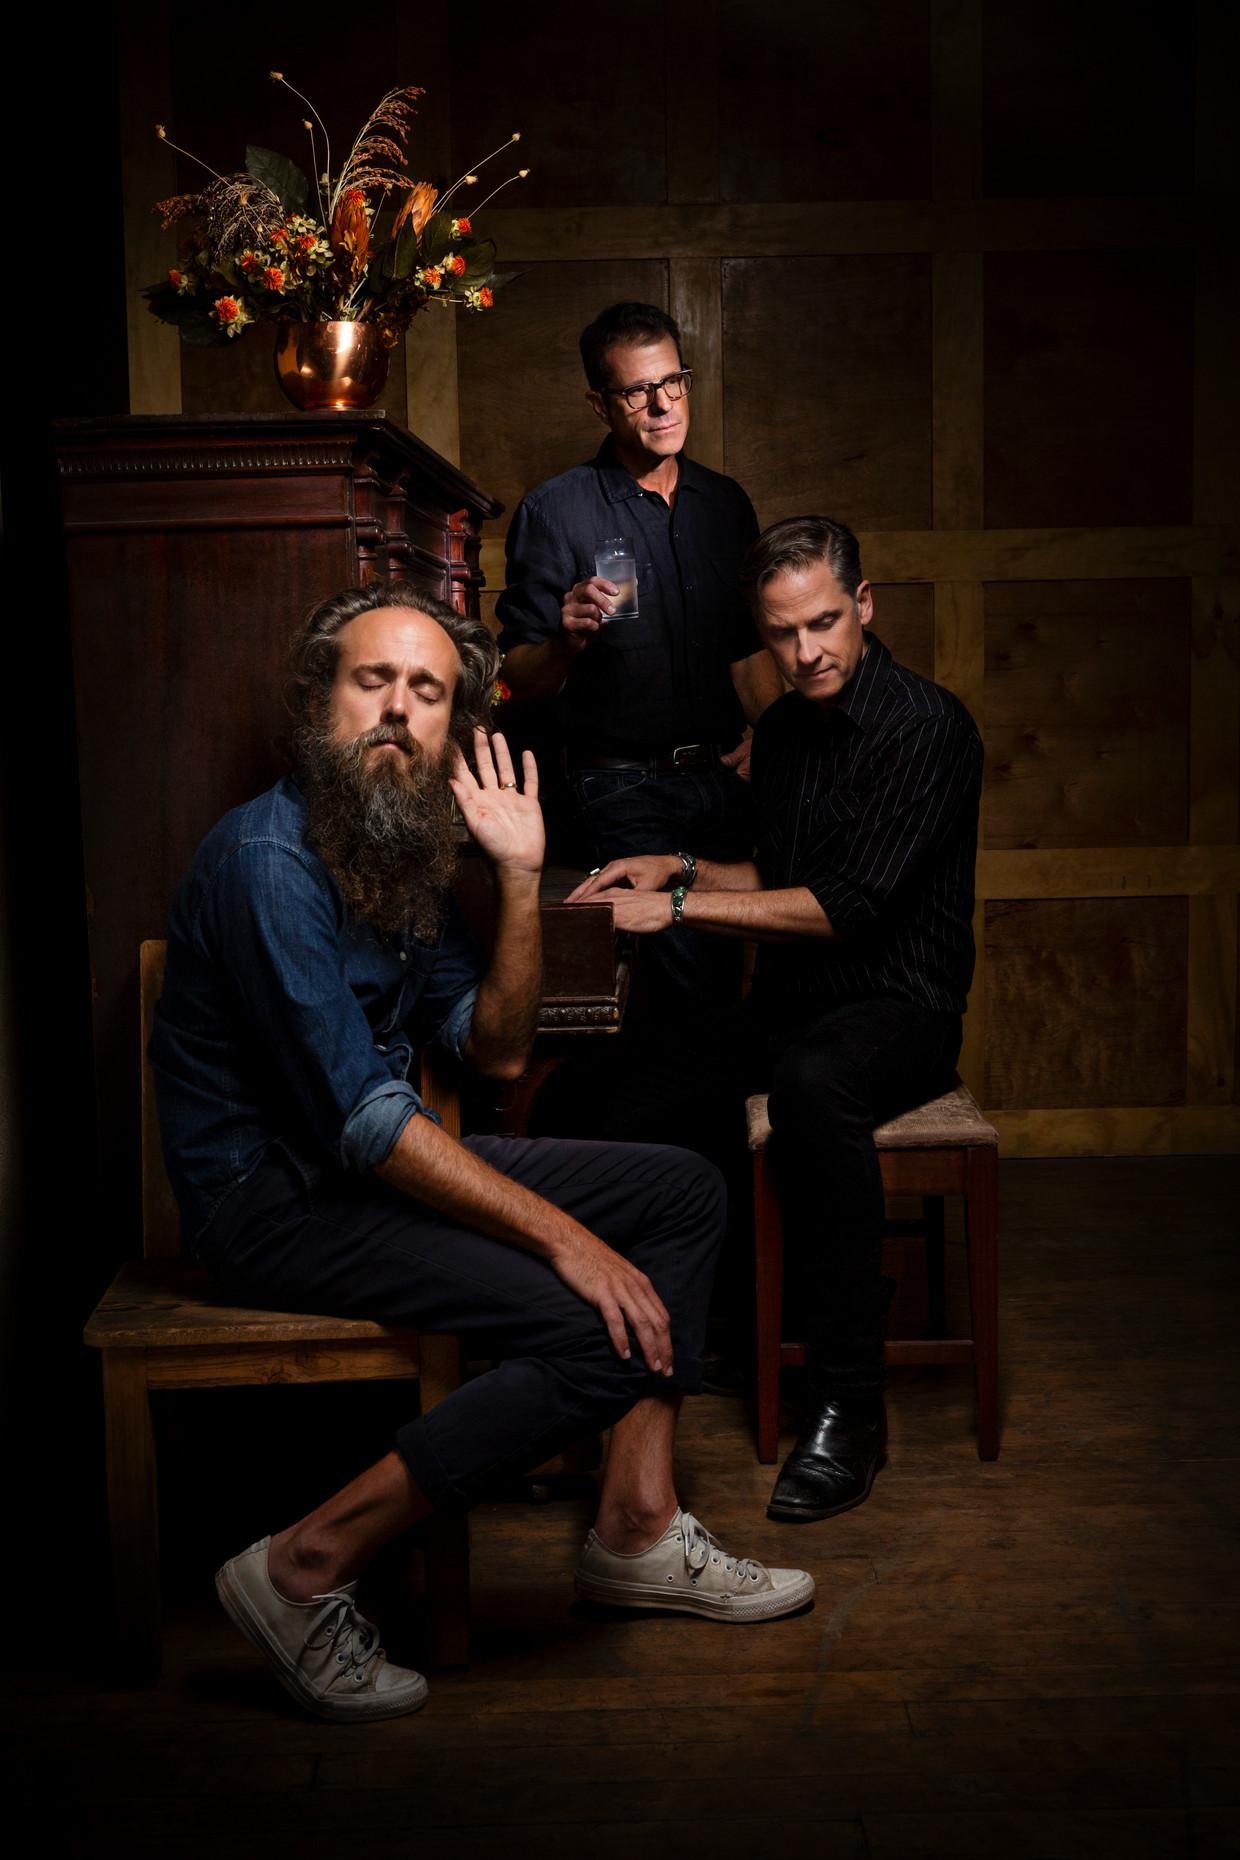 Sam Beam, John Convertino (met bril) en Joey Burns brachten samen het album Years to Burn uit.